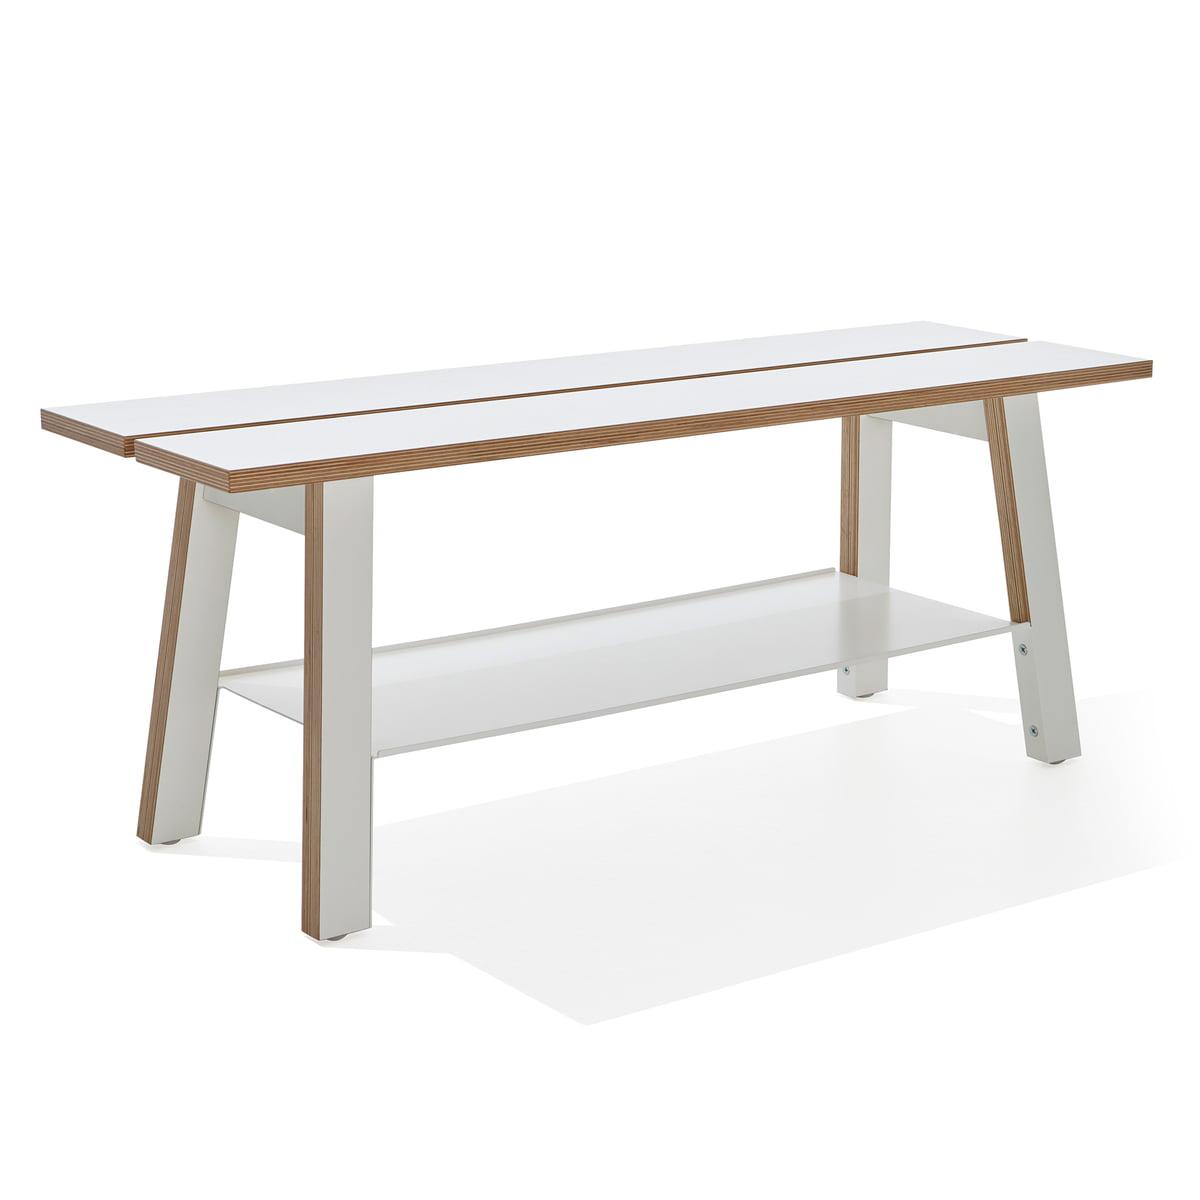 Küche und Esszimmer » Sitzbänke online kaufen | Möbel-Suchmaschine ...